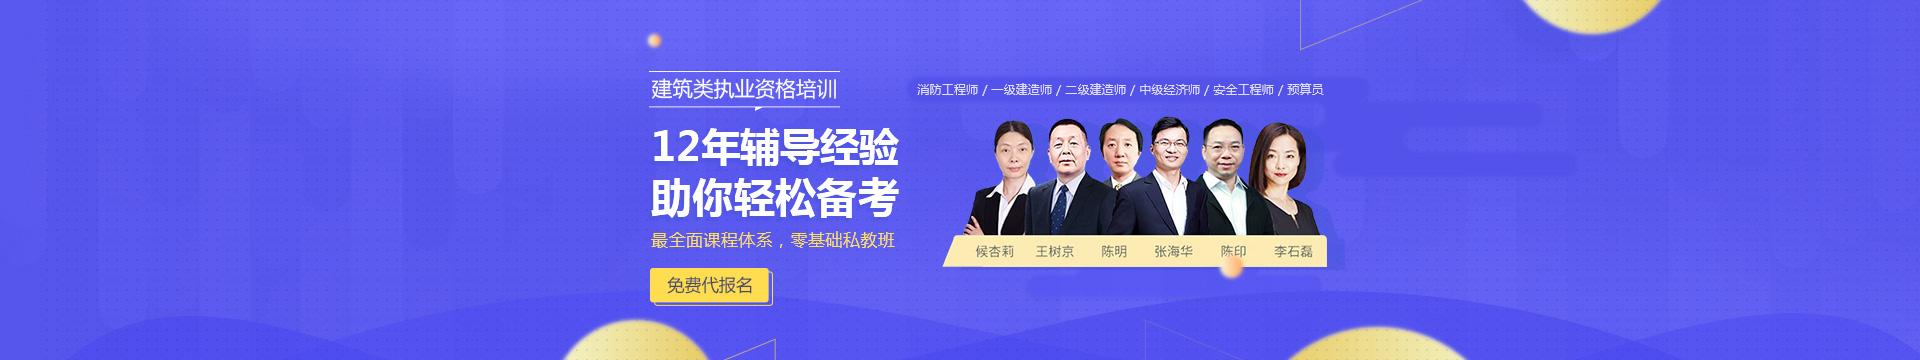 深圳建筑培训学校